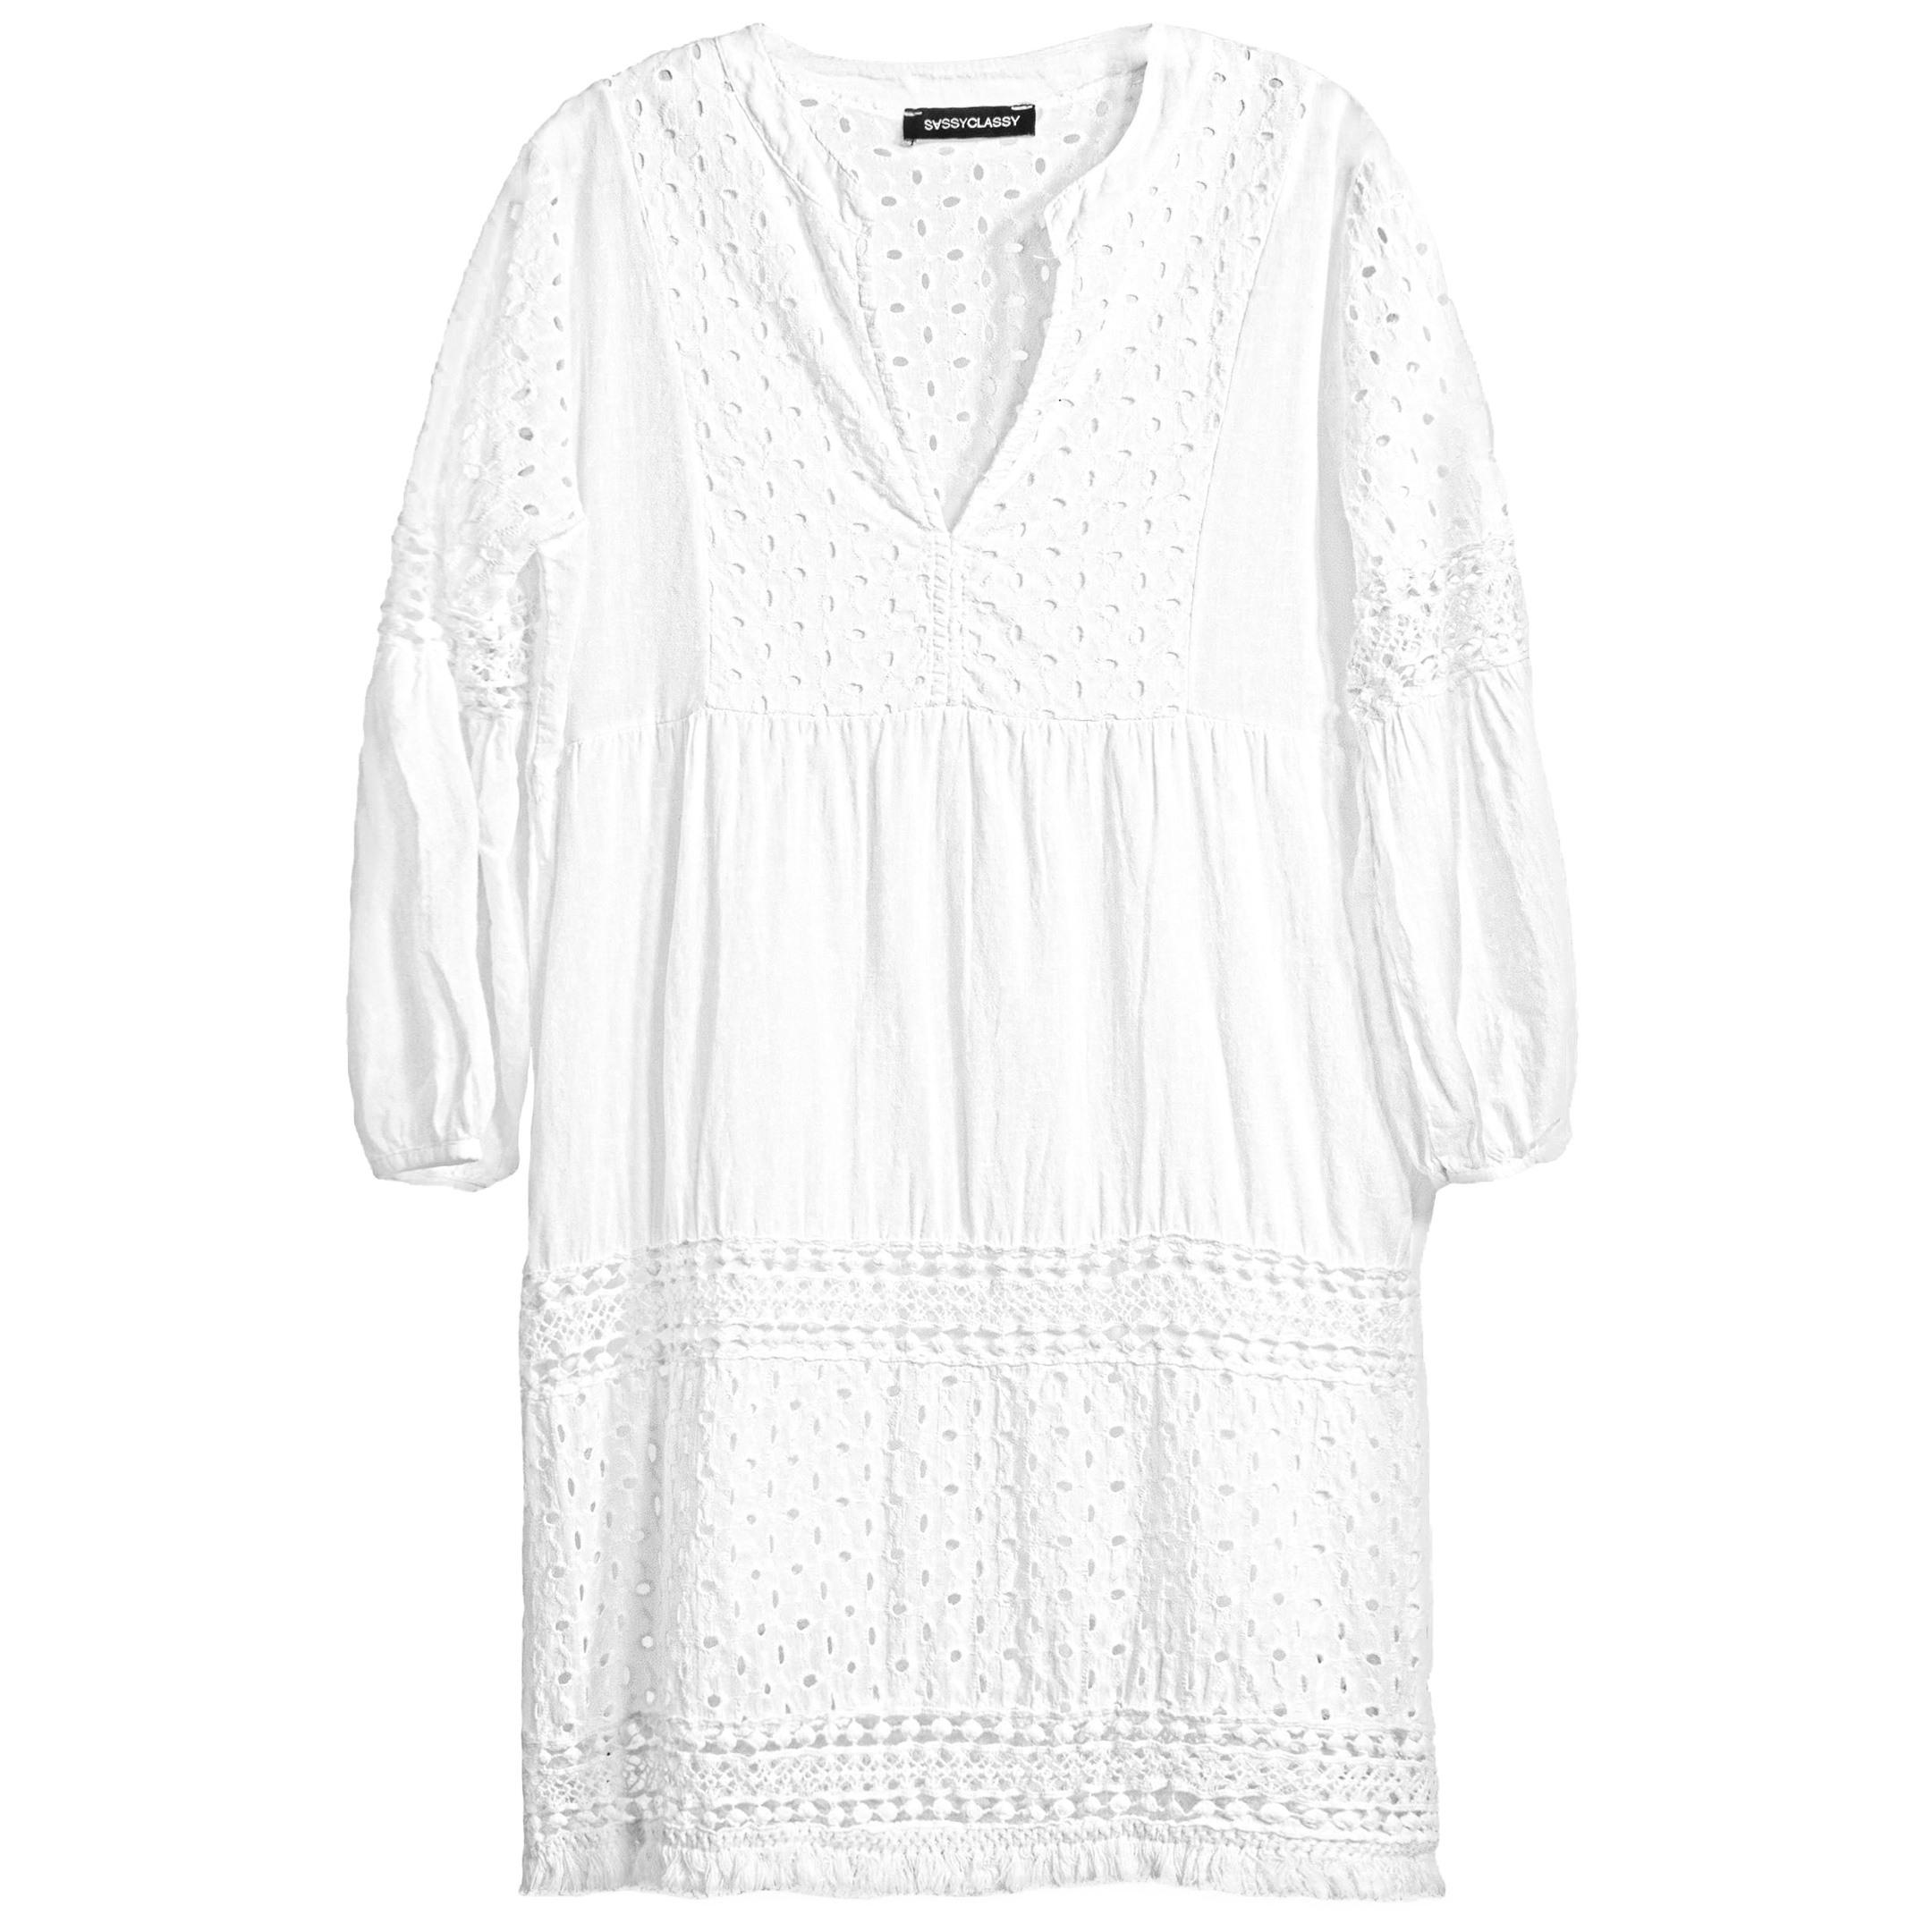 Baumwollkleid Mit Spitze Weiß  Kleider  Bekleidung